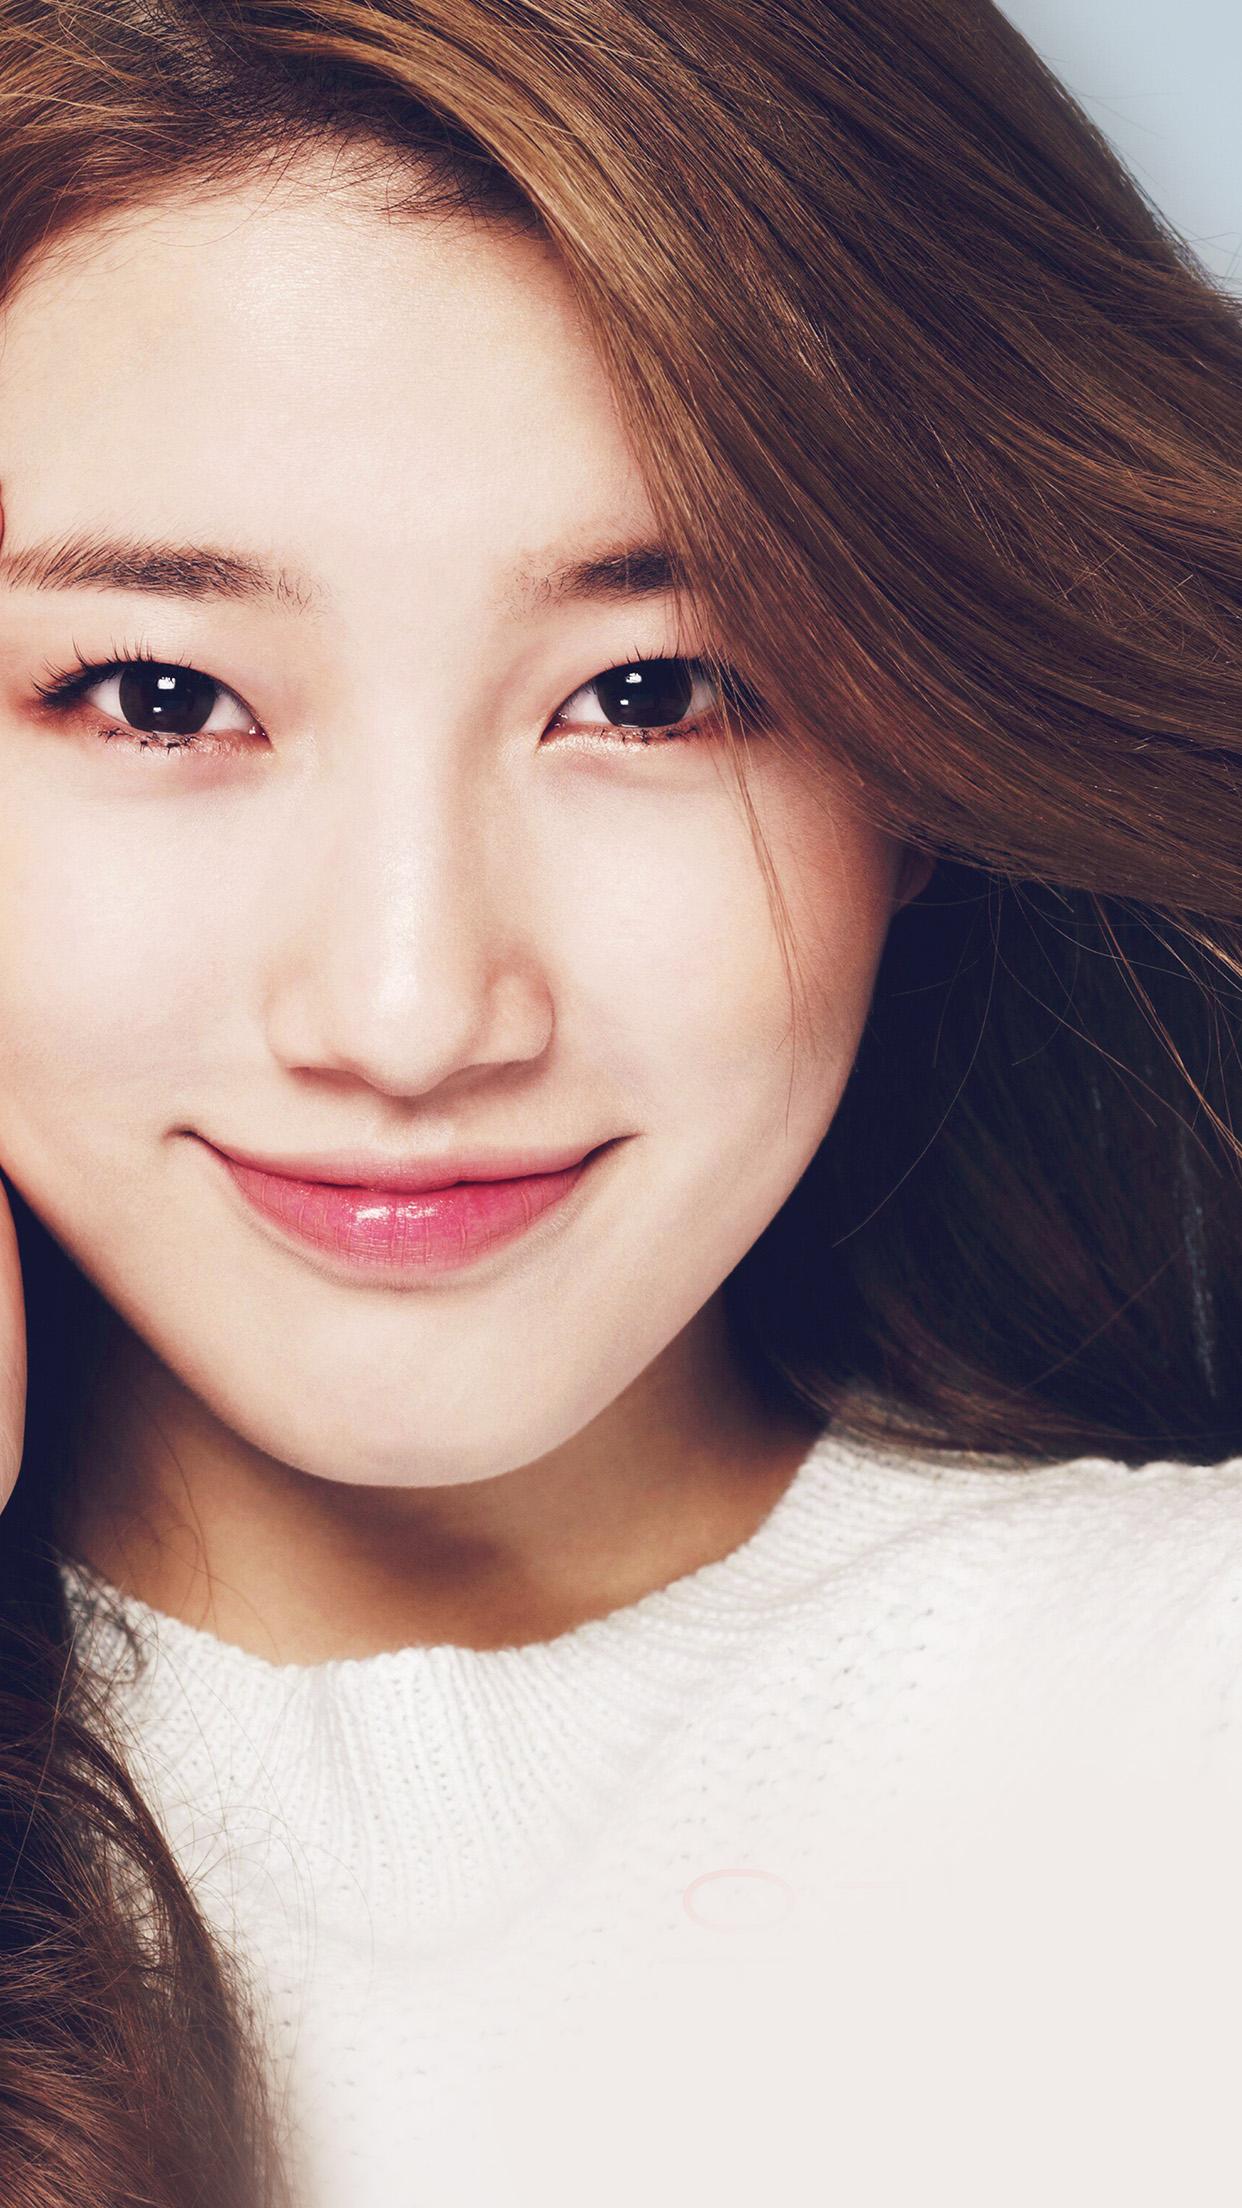 Hf84 Bae Suzy Miss A Kpop Girl Beauty